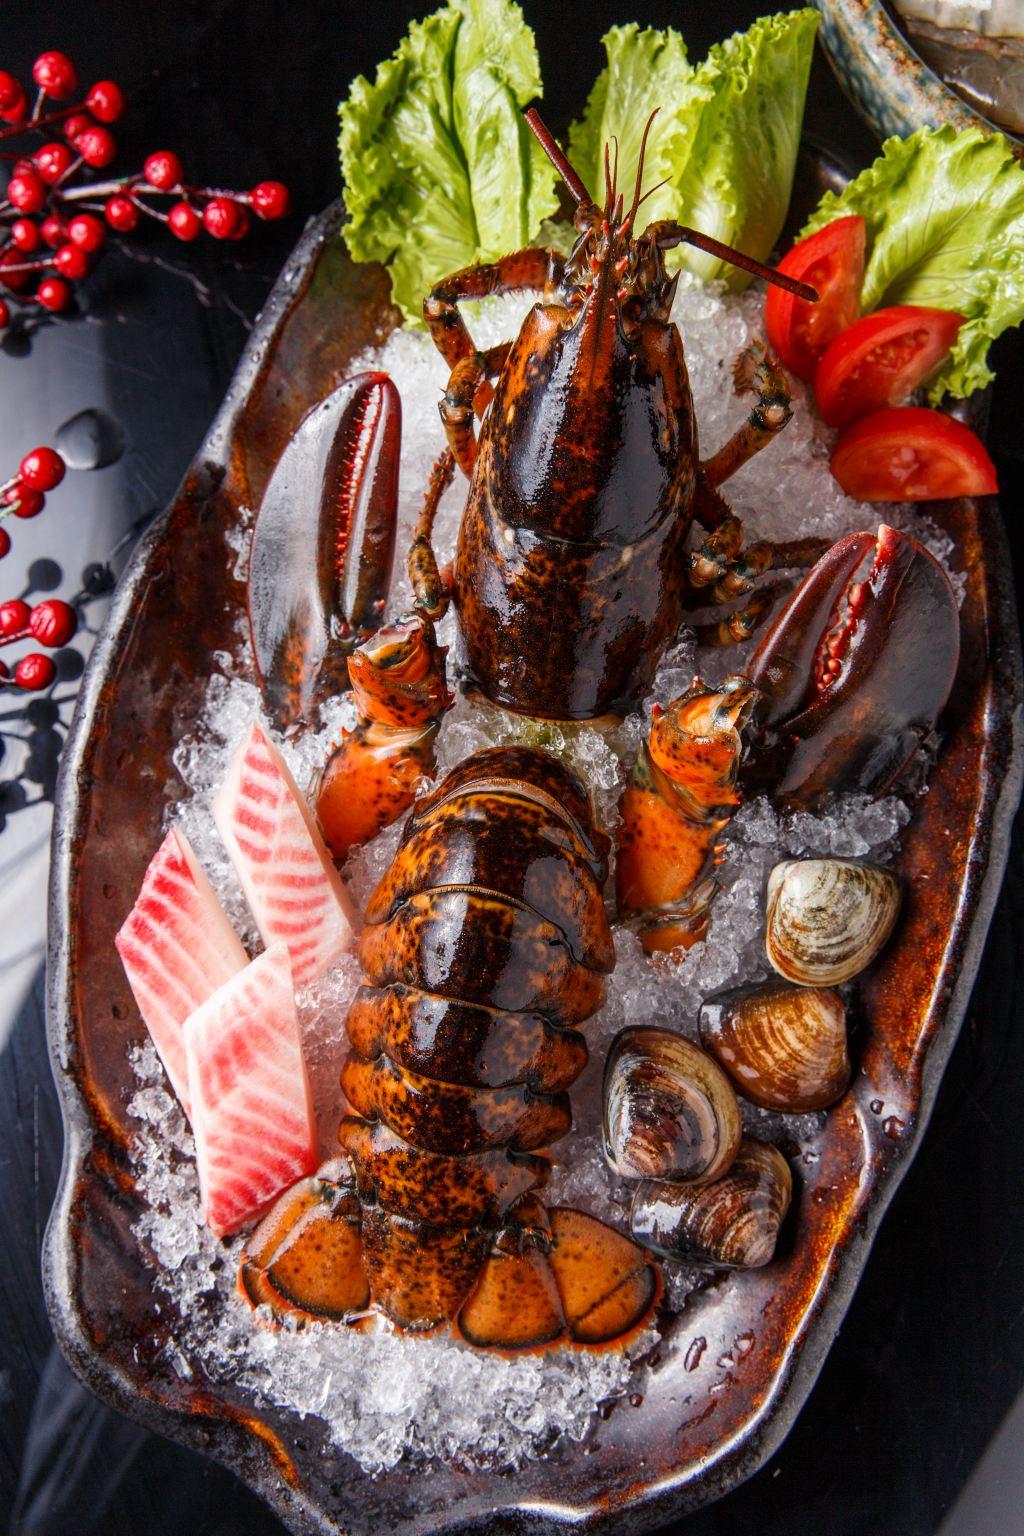 凱越越南風味小火鍋-雙人活龍蝦/大鮮蝦鍋物/龍蝦/蝦/火鍋/鍋物